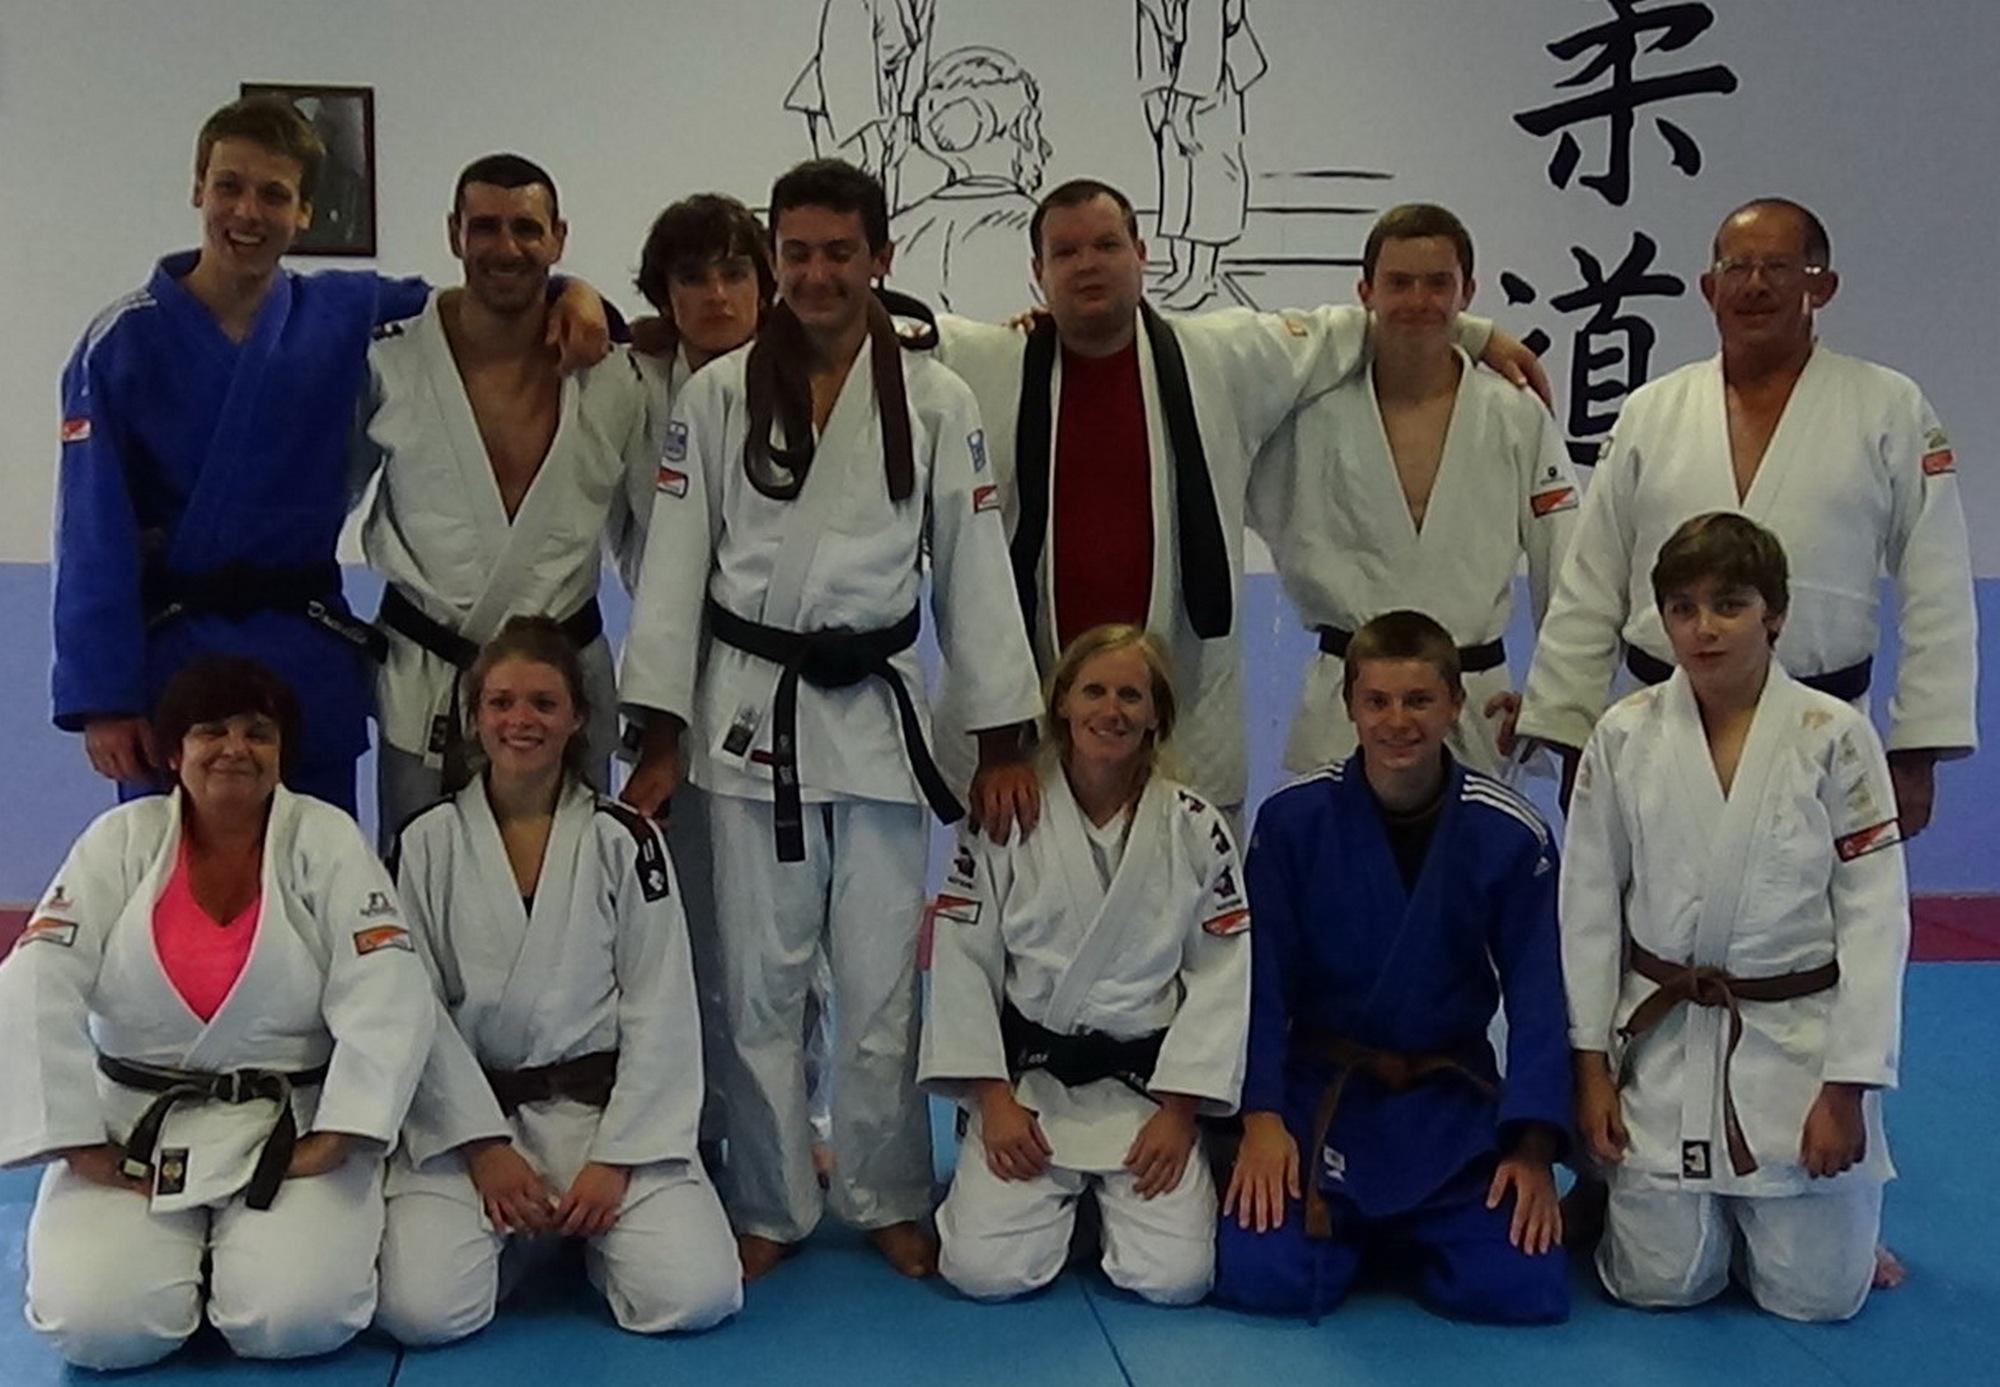 Viny Barthelat onzième ceinture noire du judo club de Ventiseri